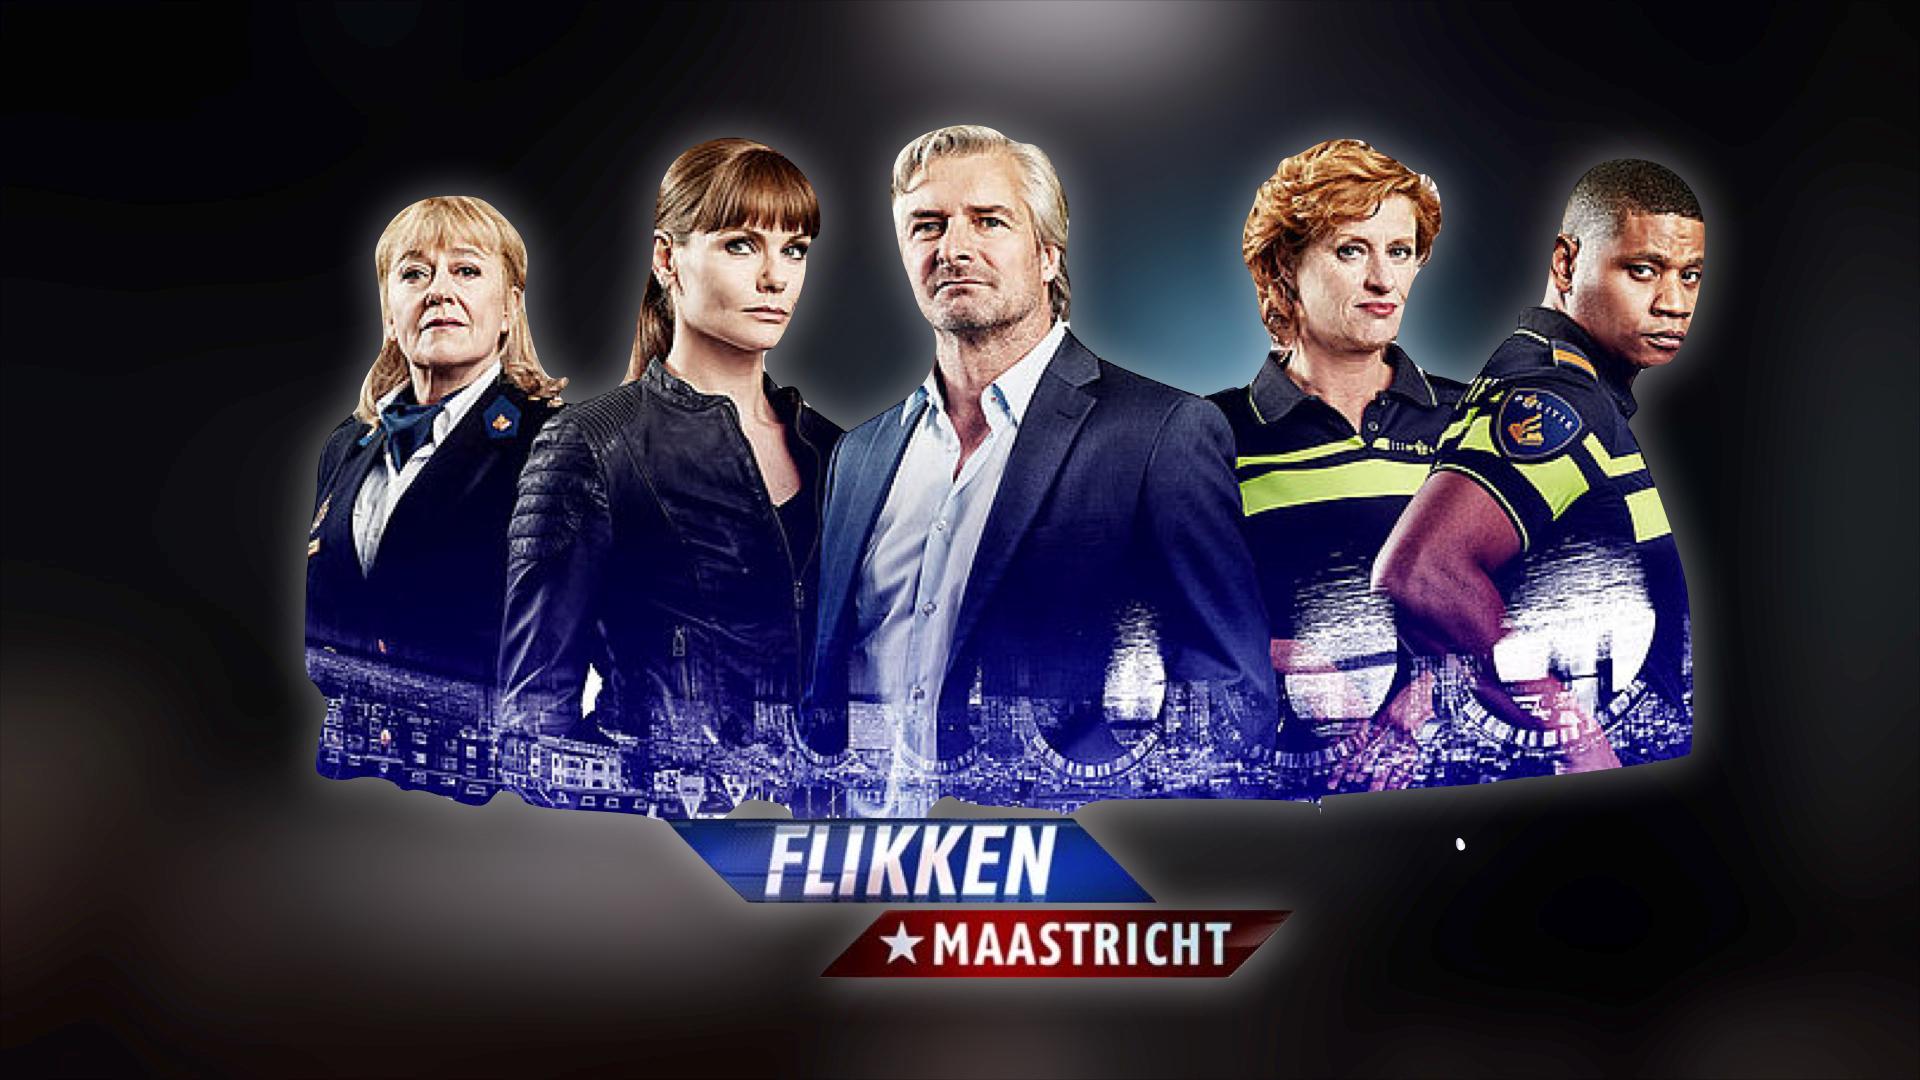 Video: Flikken Maastricht seizoen 15 teaser met audiodescriptie.